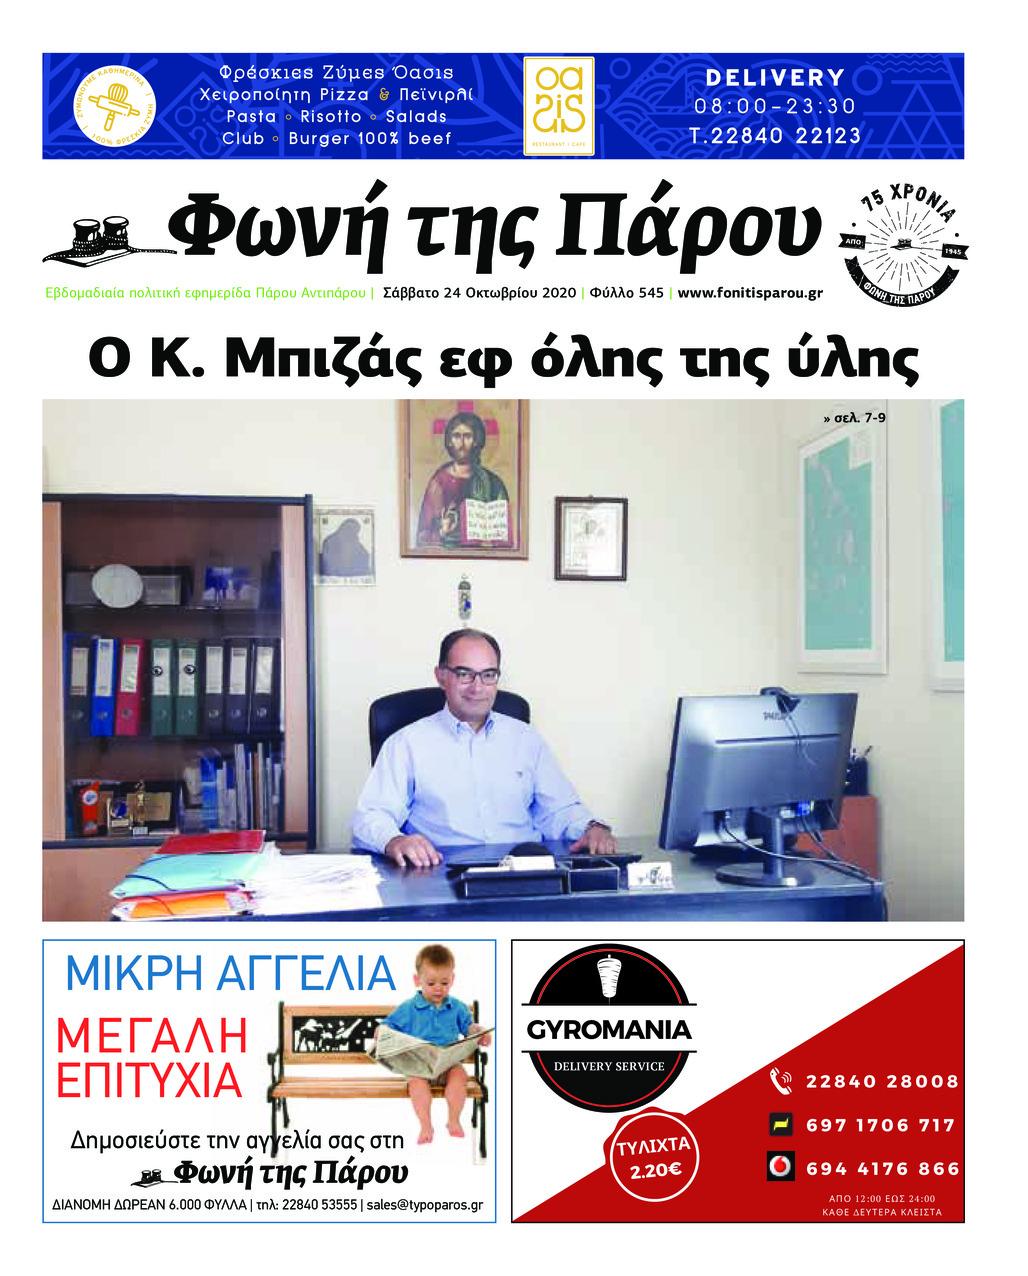 Πρωτοσέλιδο εφημερίδας Φωνή της Πάρου